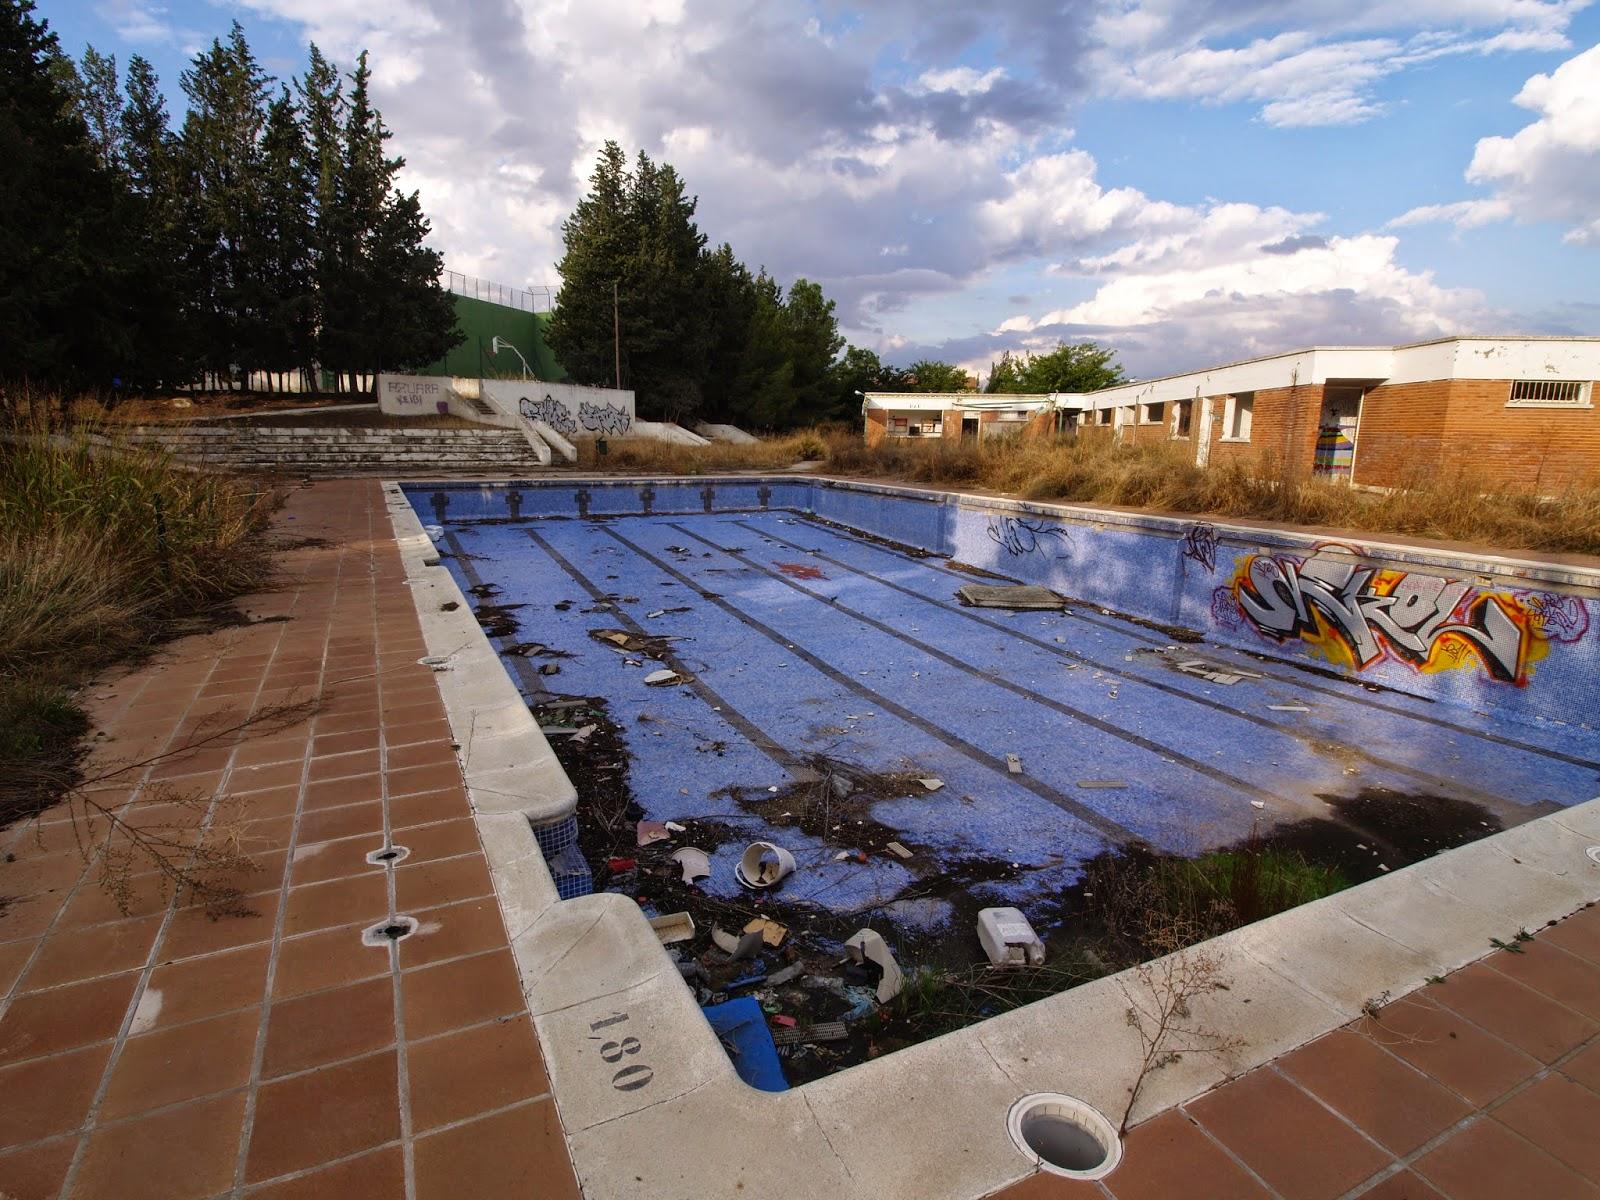 el retabillo estado actual de las piscinas viejas de